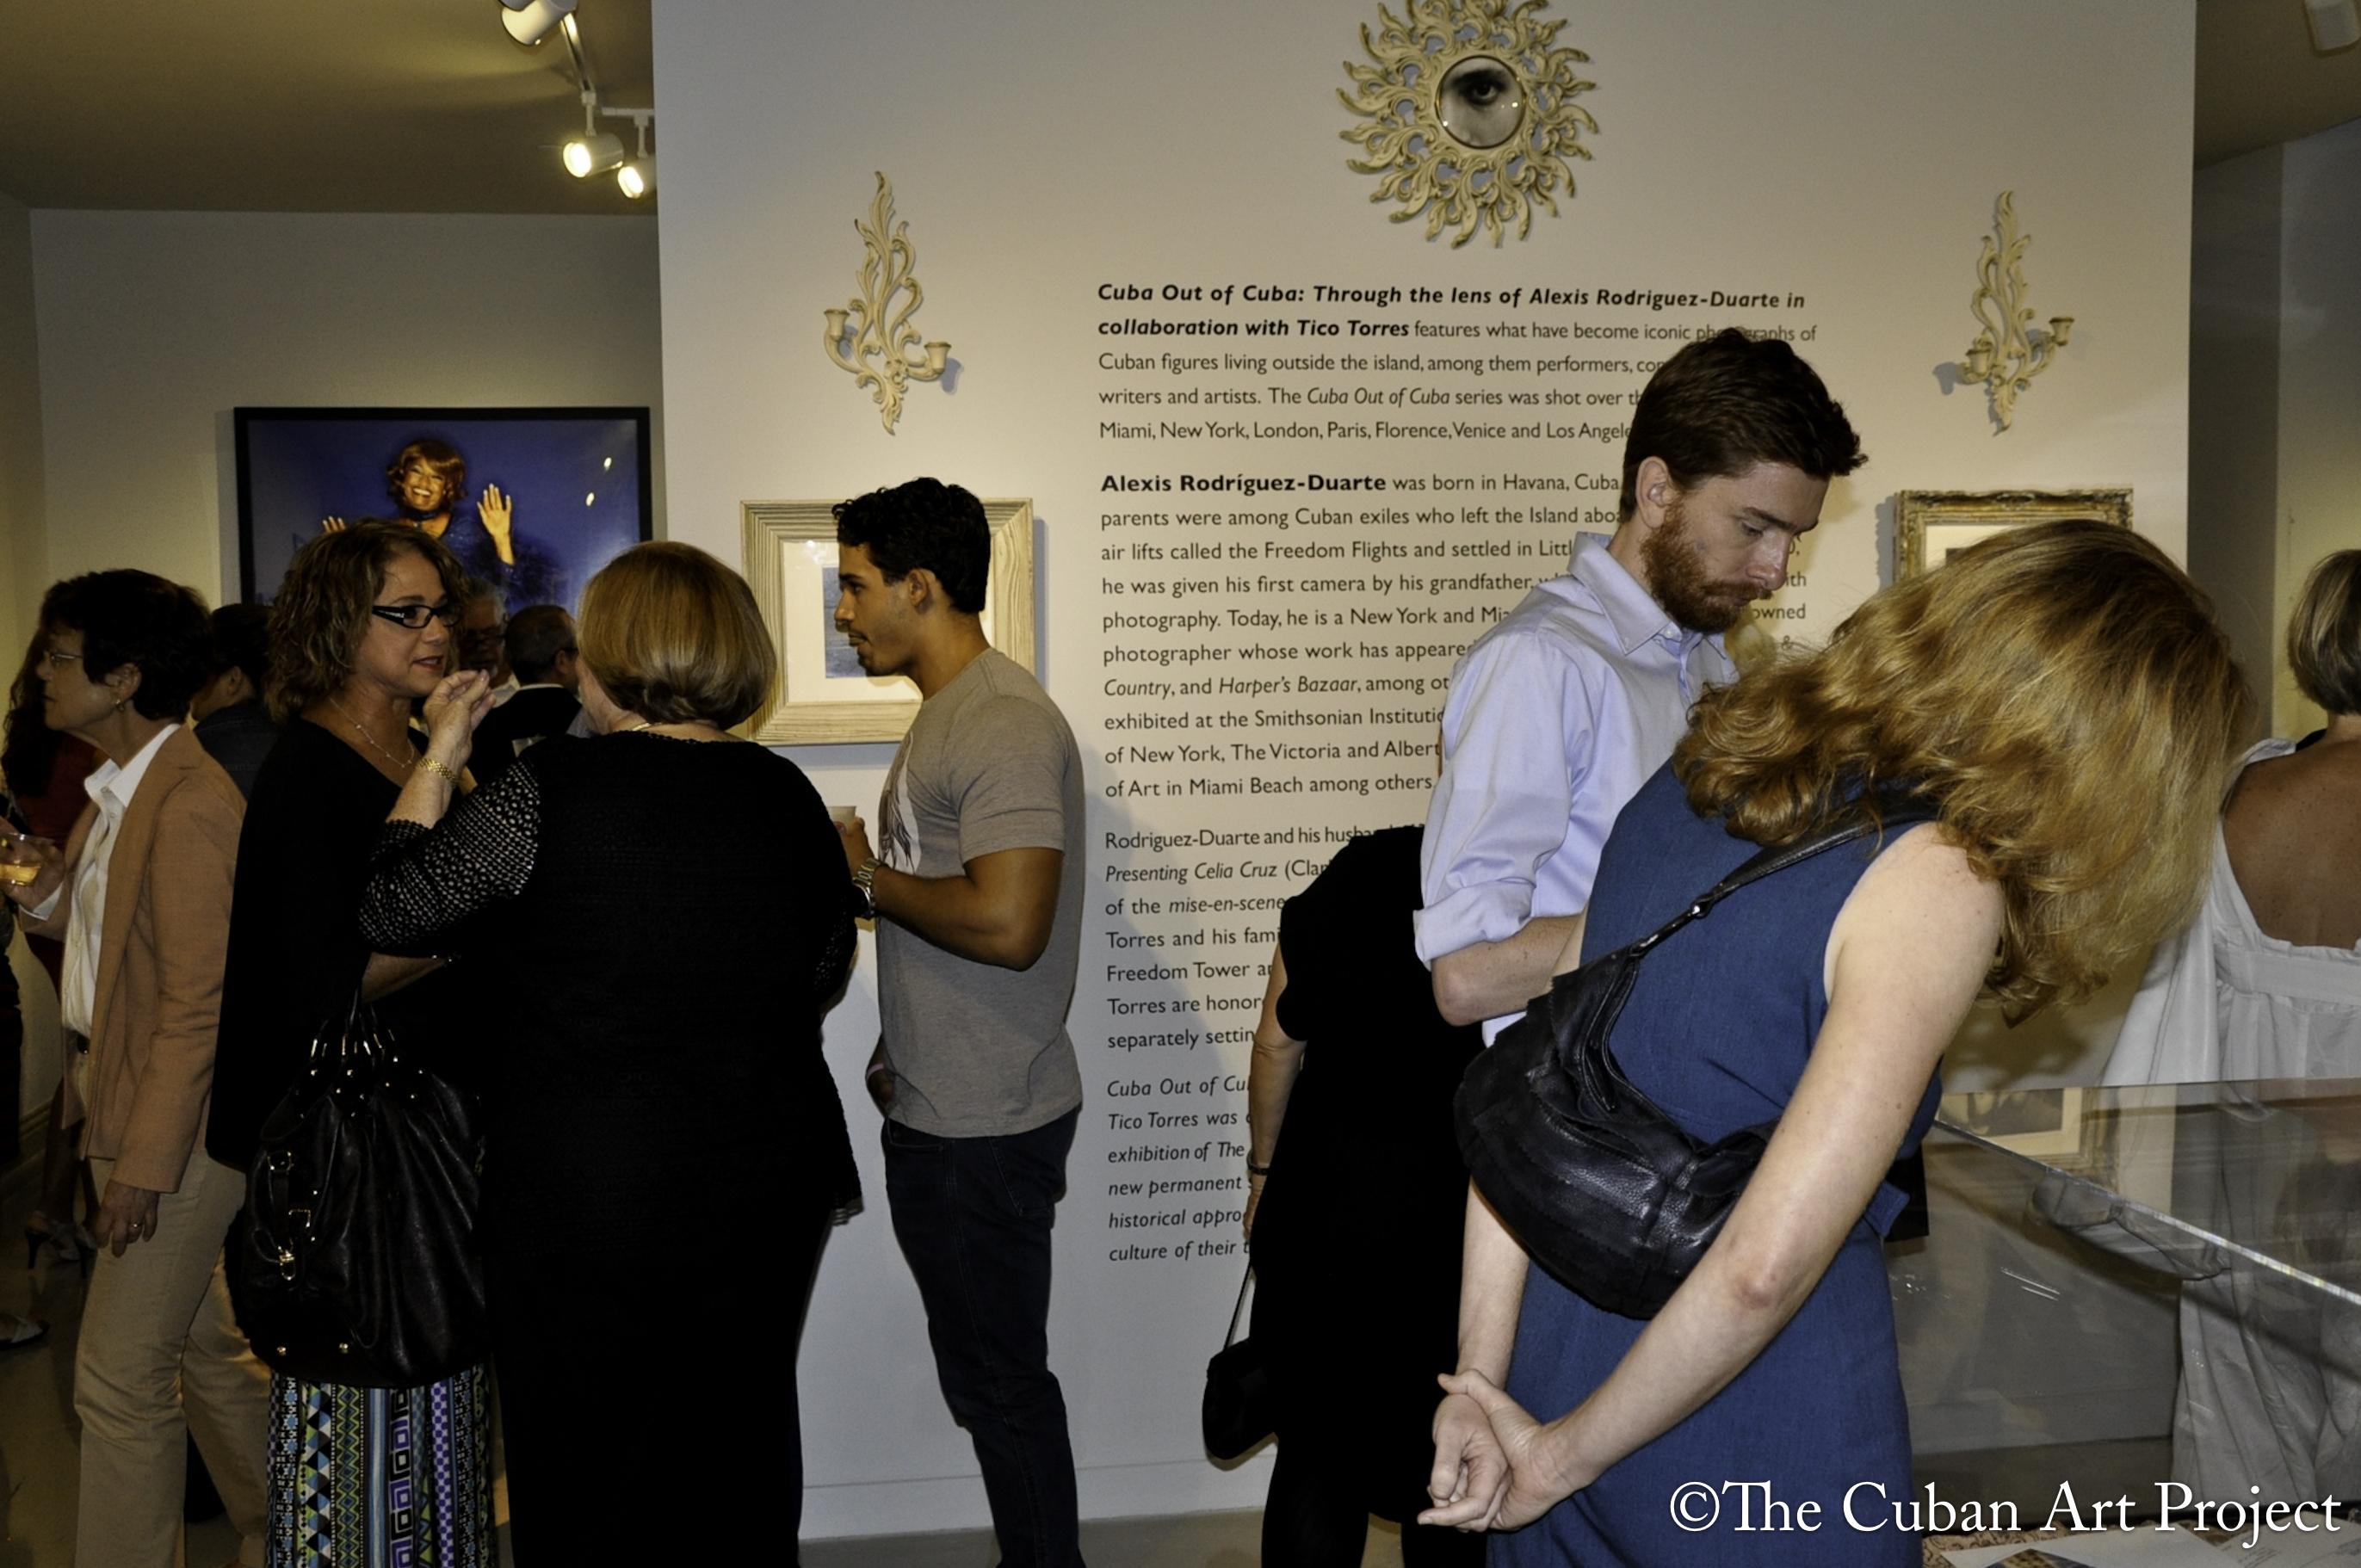 Museo de Arte + Diseño del Miami Dade College anuncia su Junta de Asesores inaugural